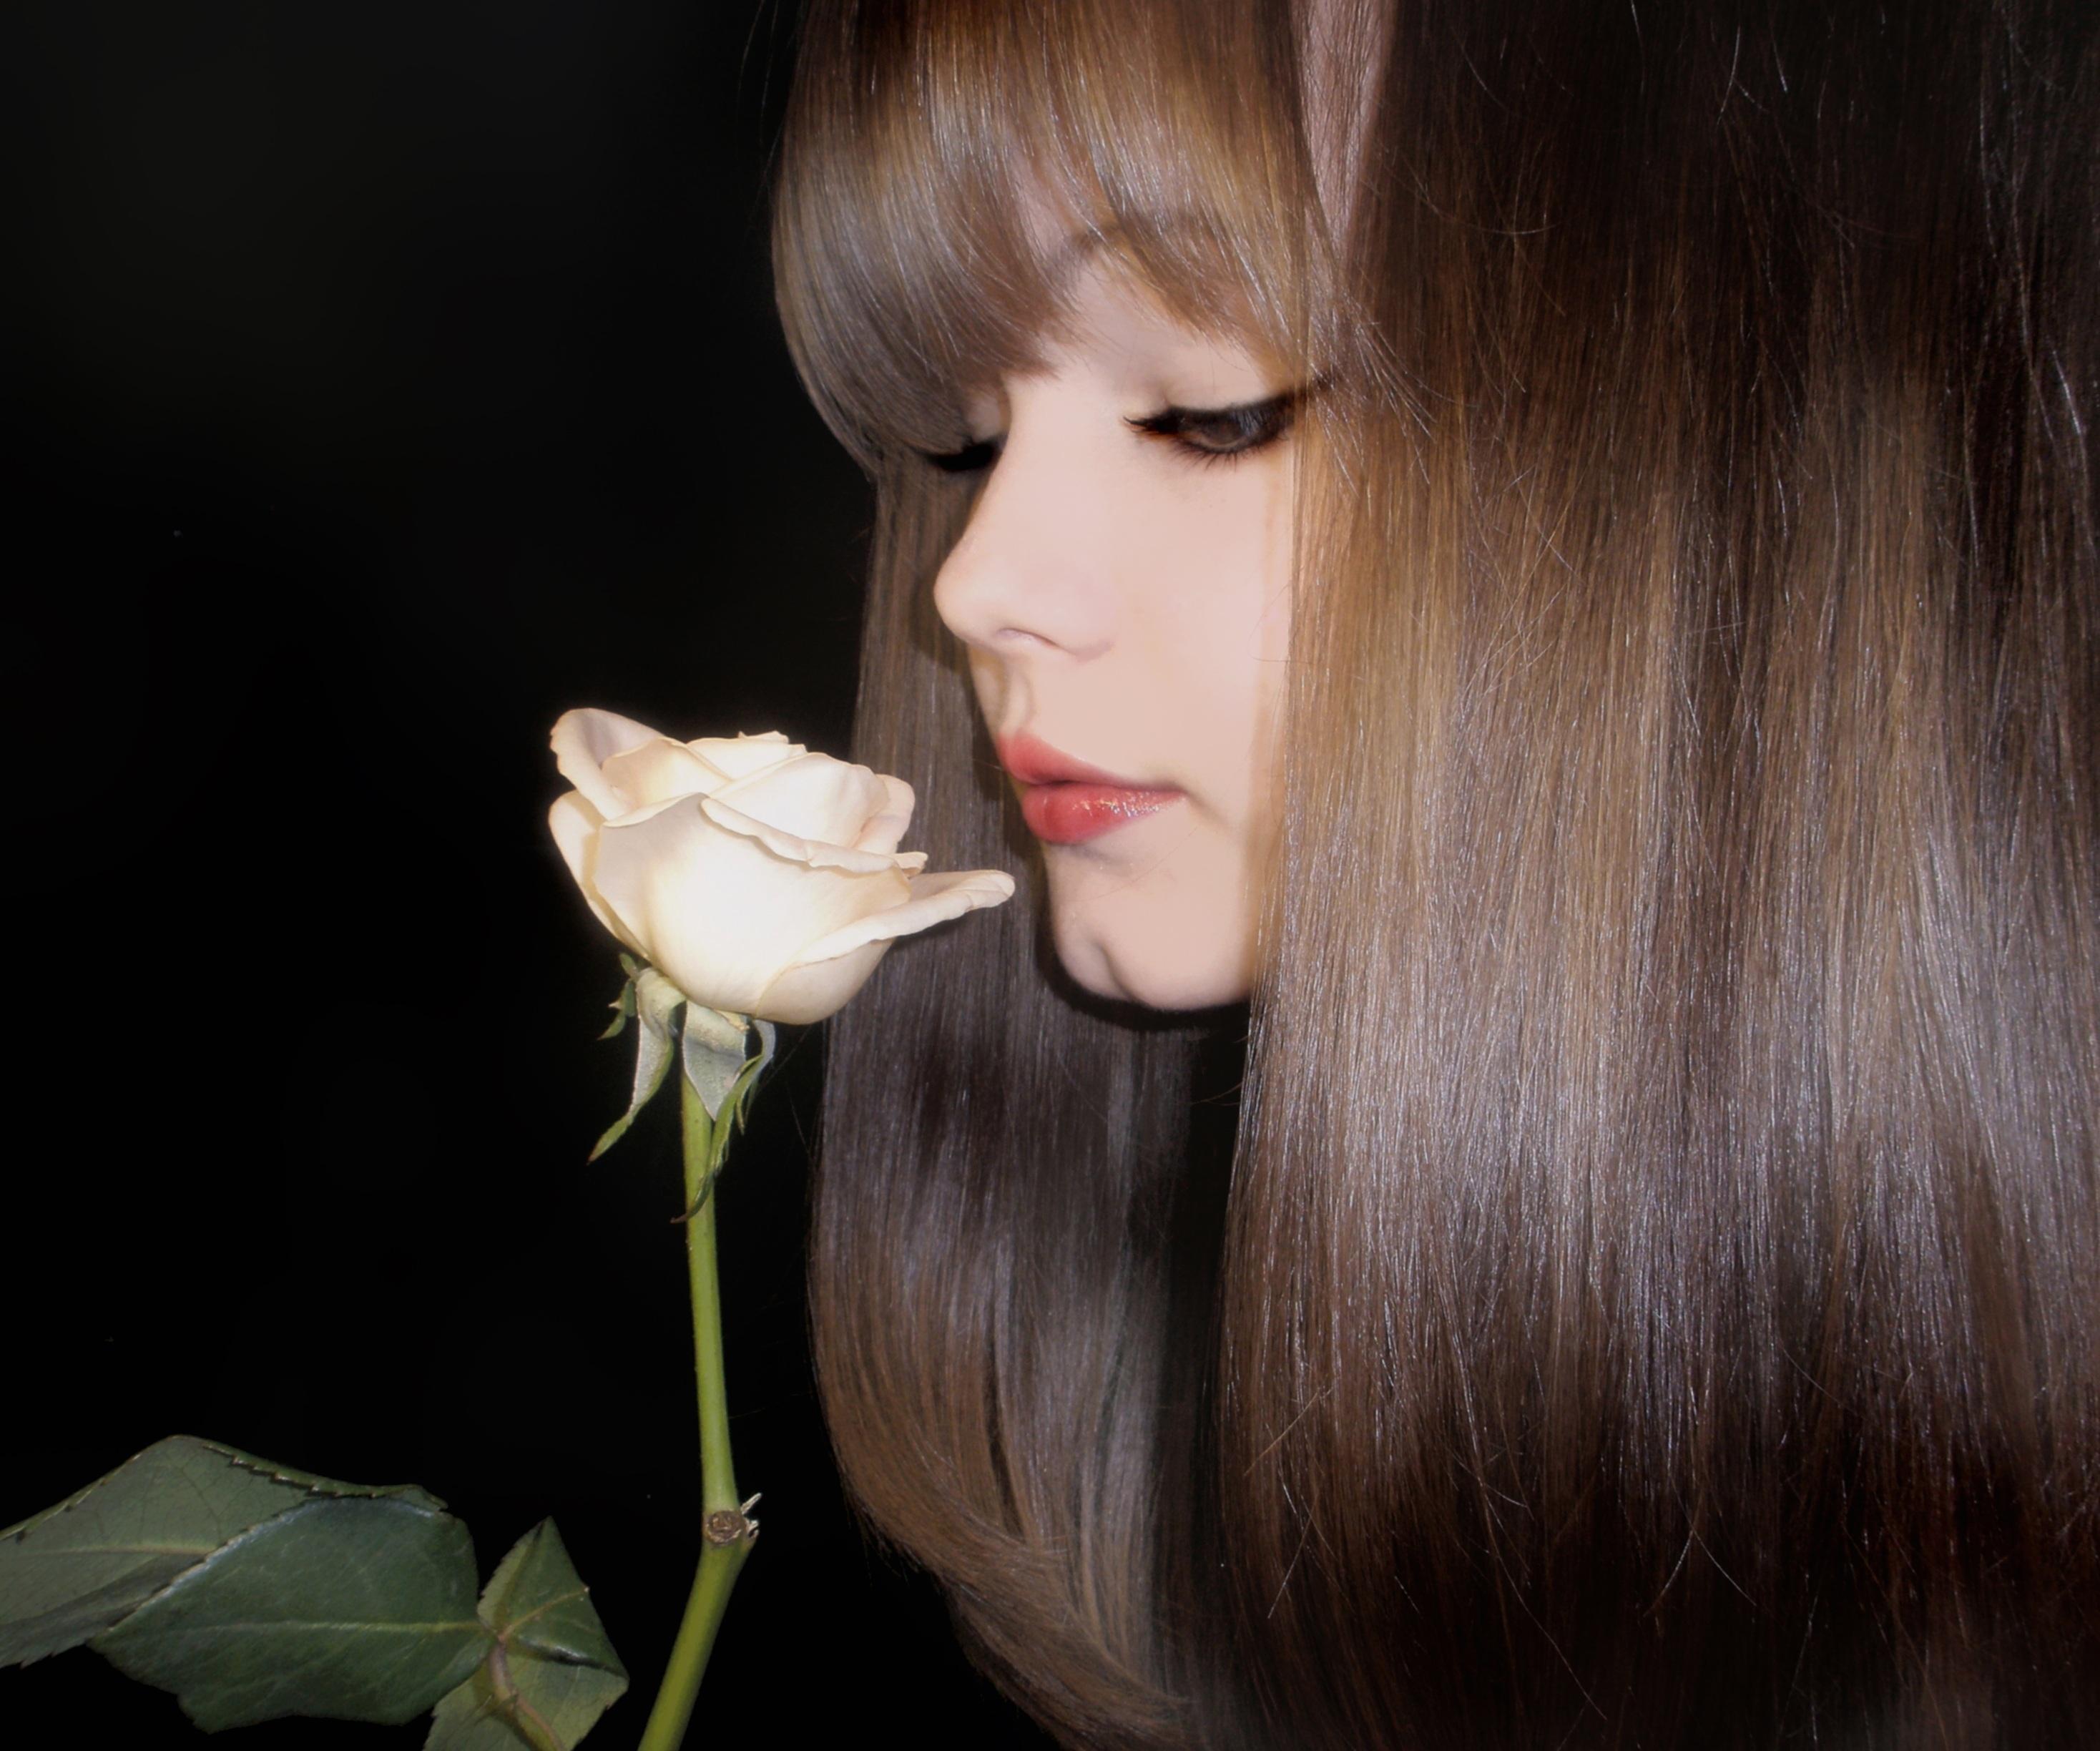 Images Gratuites La Personne Fille Femme Fleur Vue Rose